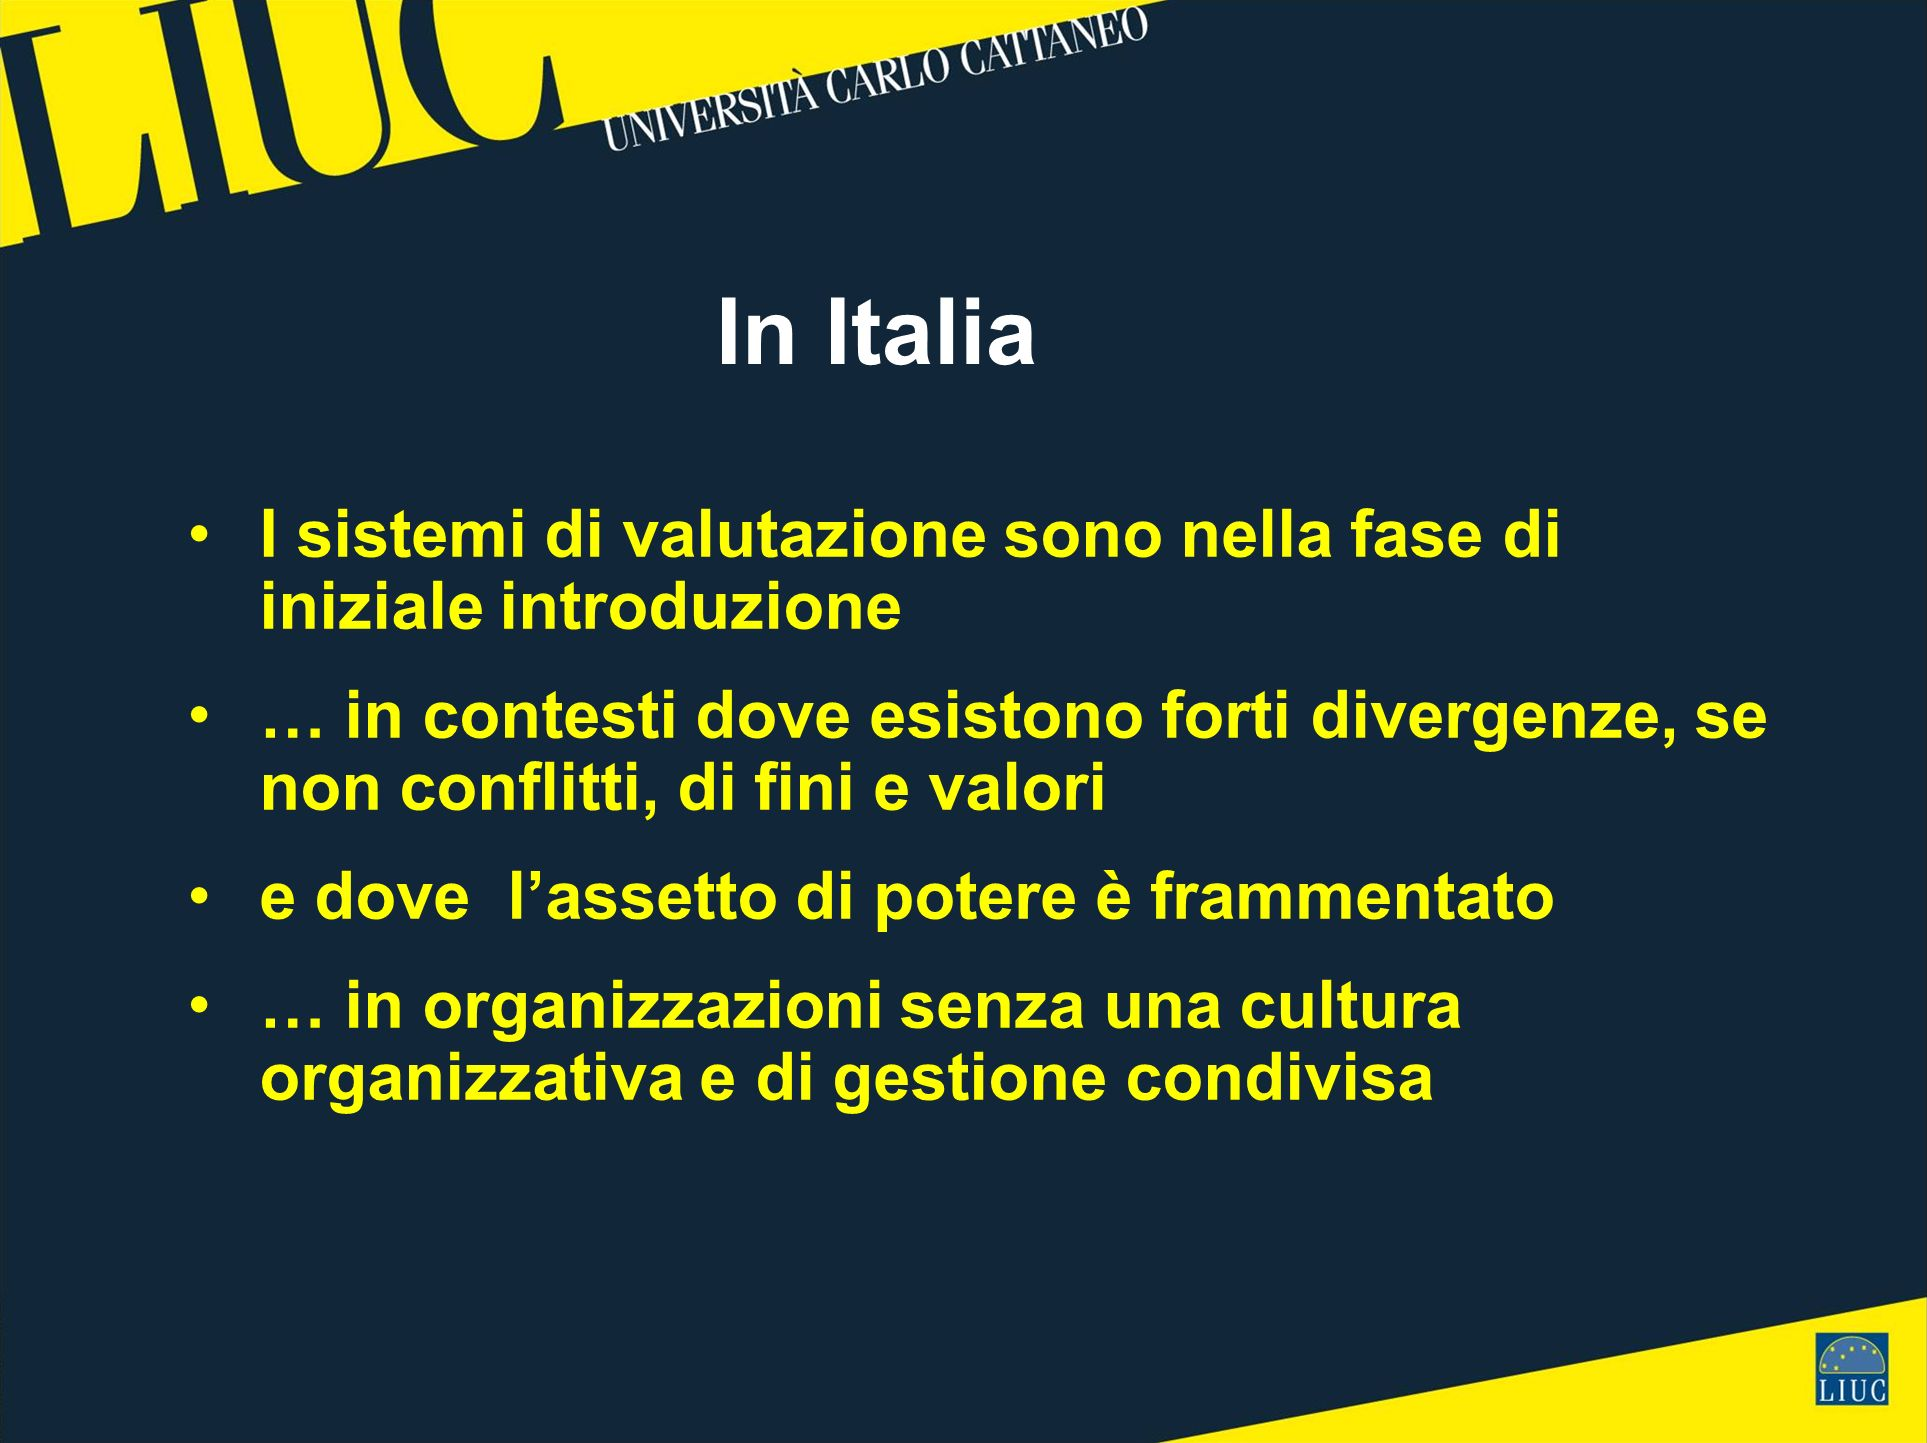 In Italia I sistemi di valutazione sono nella fase di iniziale introduzione … in contesti dove esistono forti divergenze, se non conflitti, di fini e valori e dove lassetto di potere è frammentato … in organizzazioni senza una cultura organizzativa e di gestione condivisa